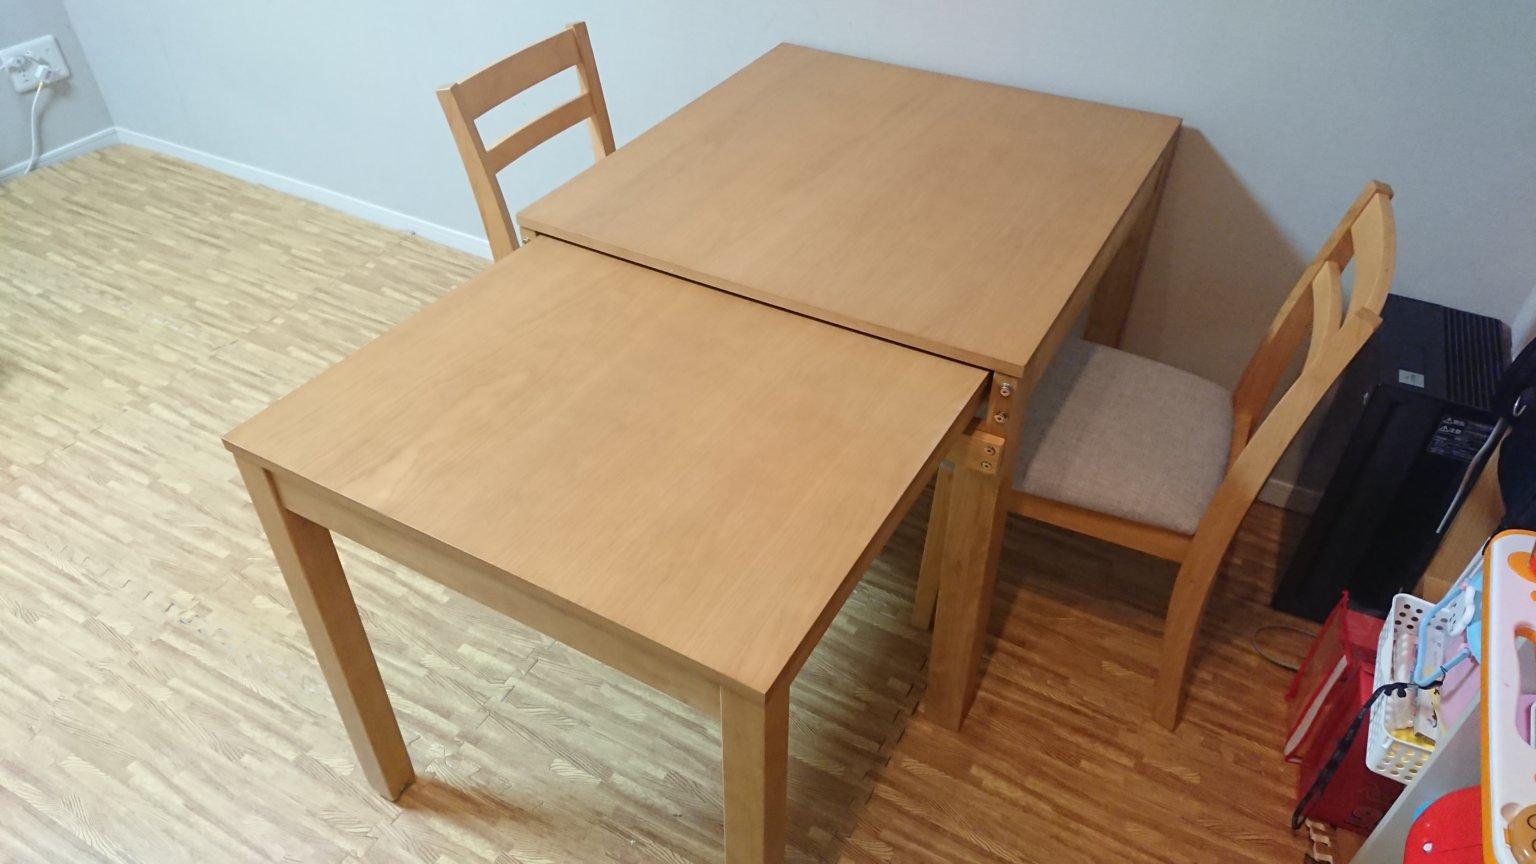 スライドして伸ばせば4人掛けできるダイニングテーブルが便利でオススメ